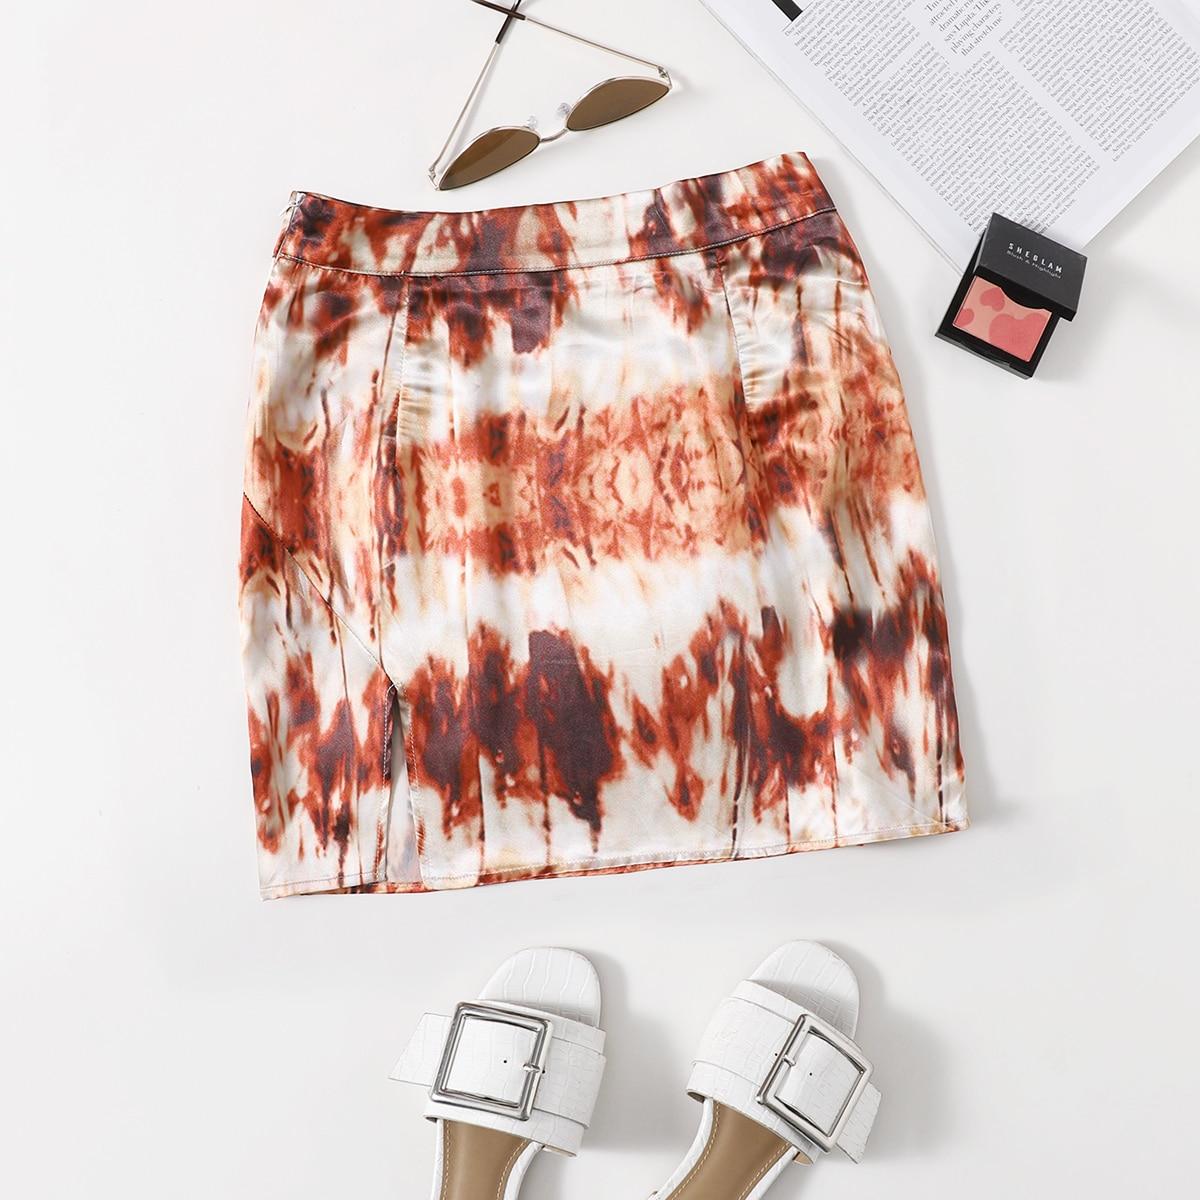 SHEIN / Zipper Side Split Hem Tie Dye Satin Skirt